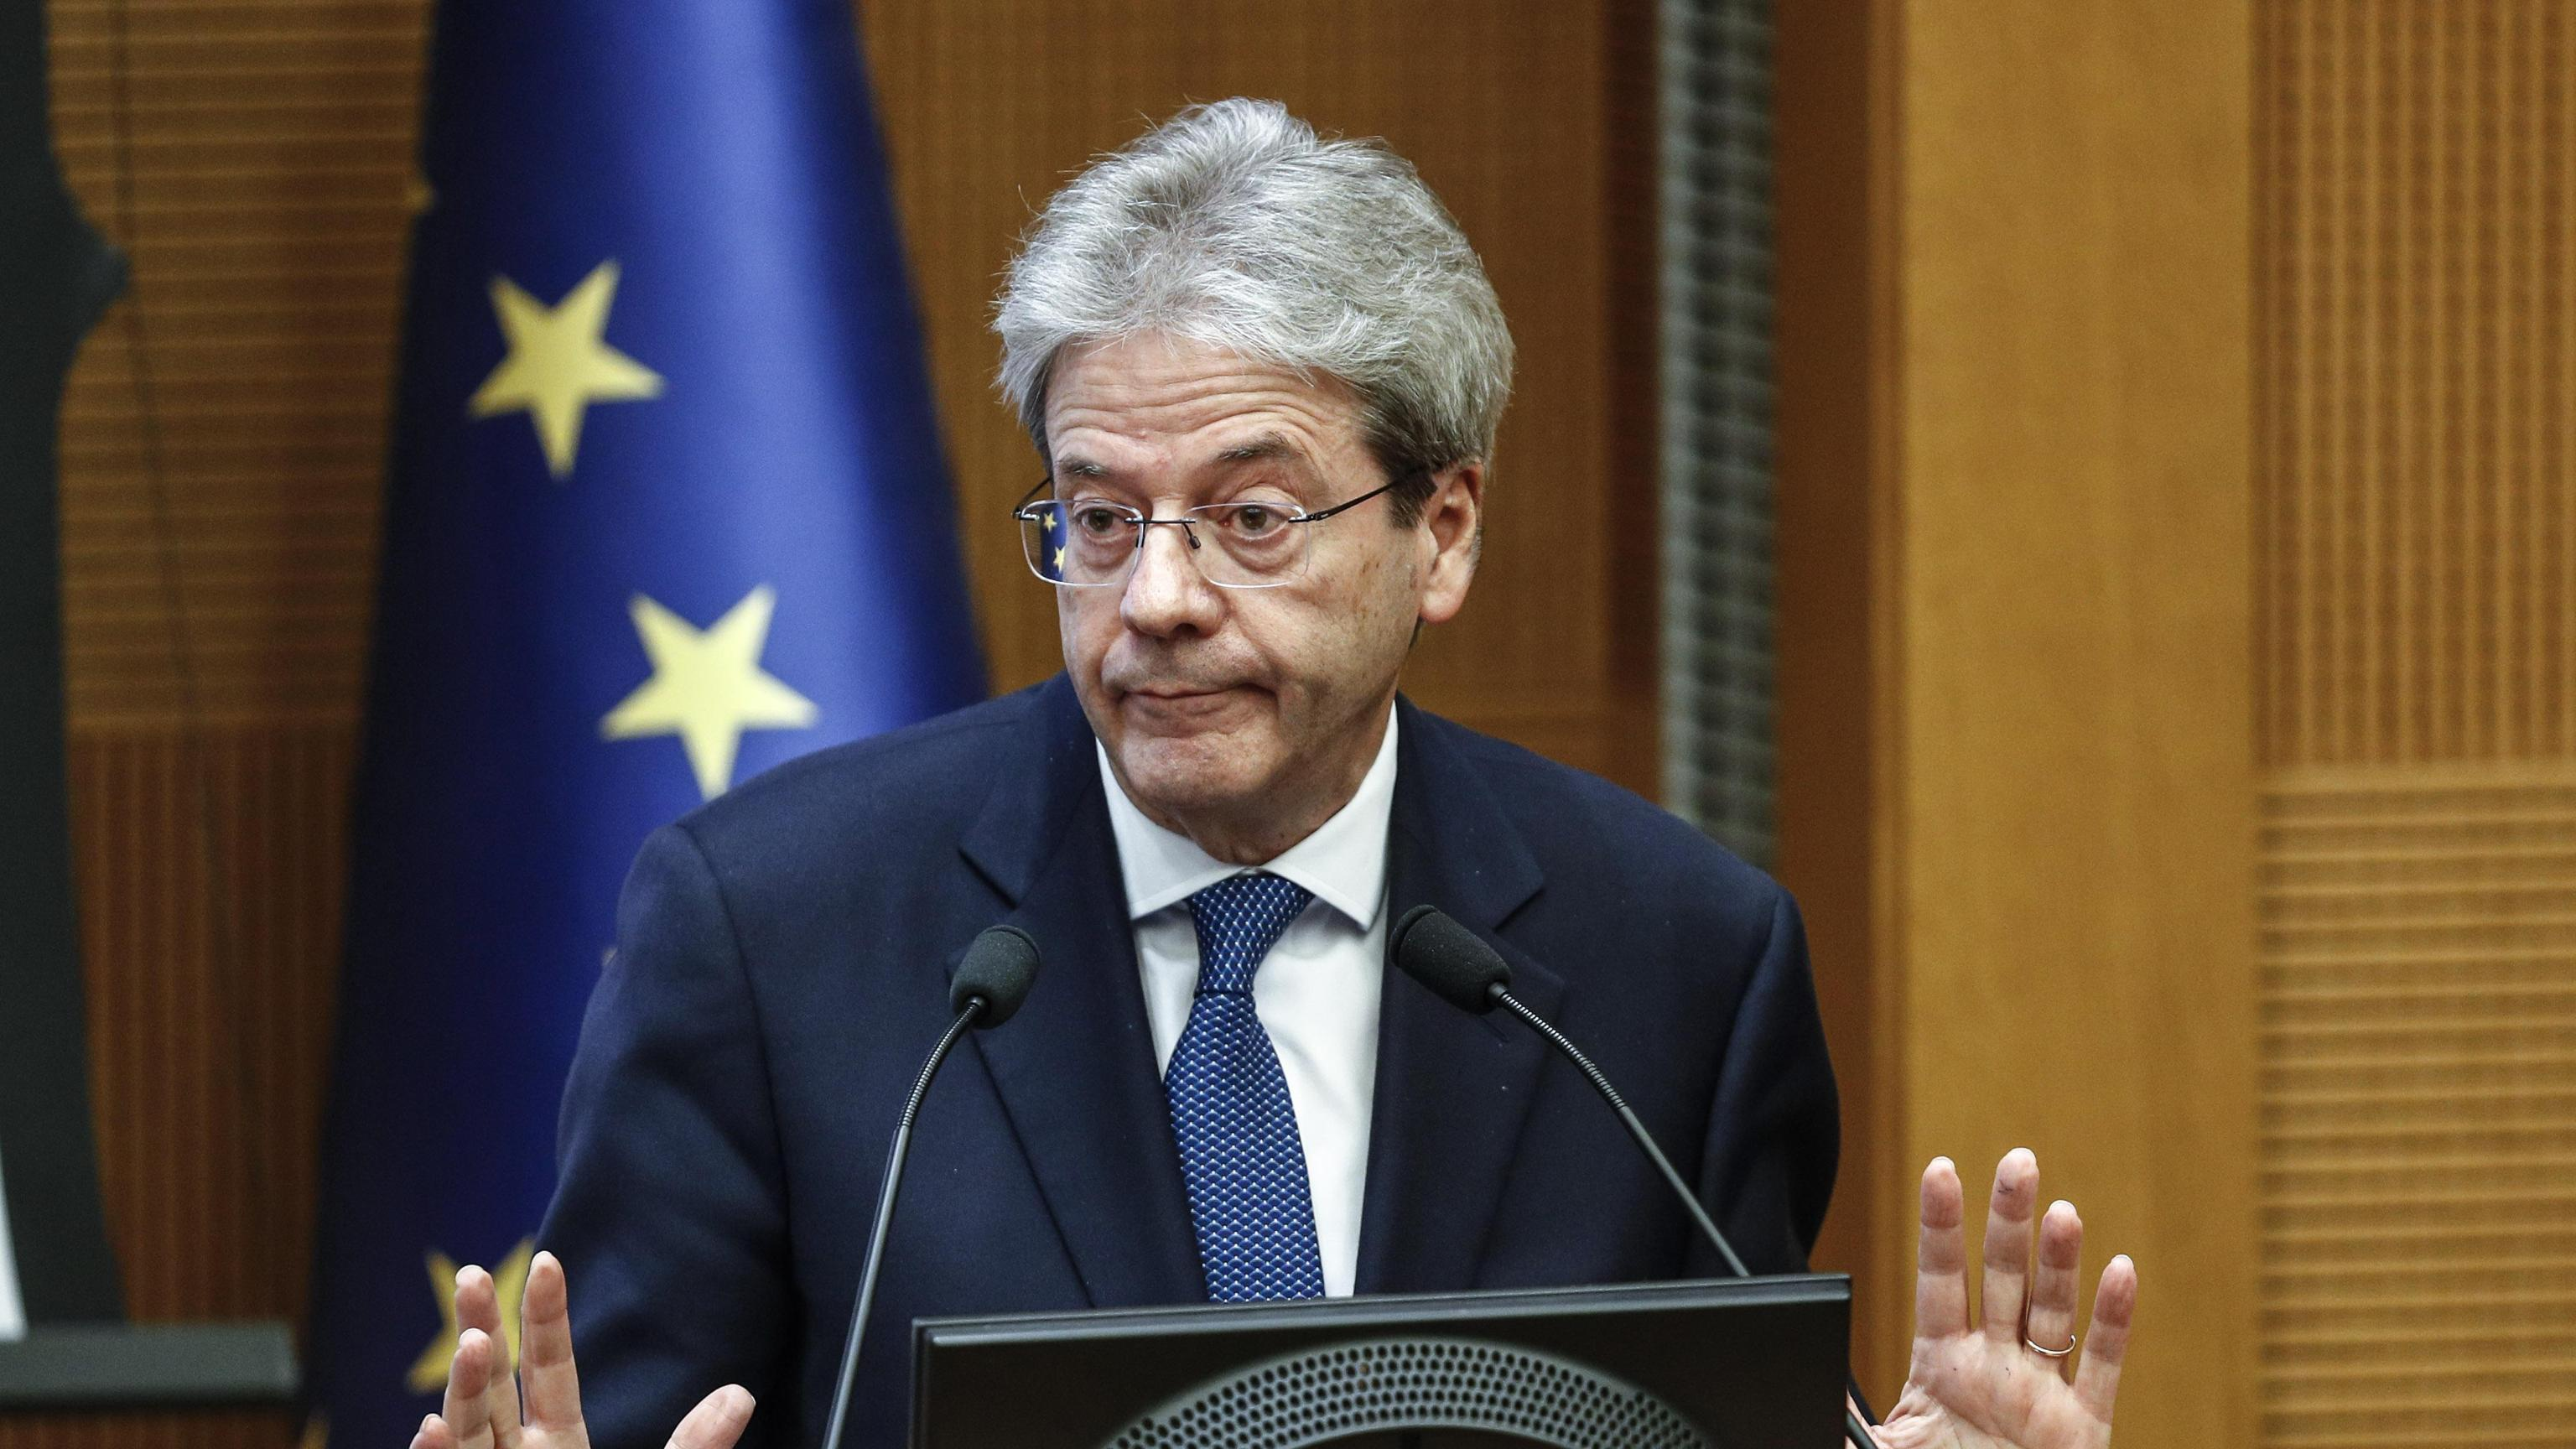 Gentiloni, sì Spd è passo avanti per Ue